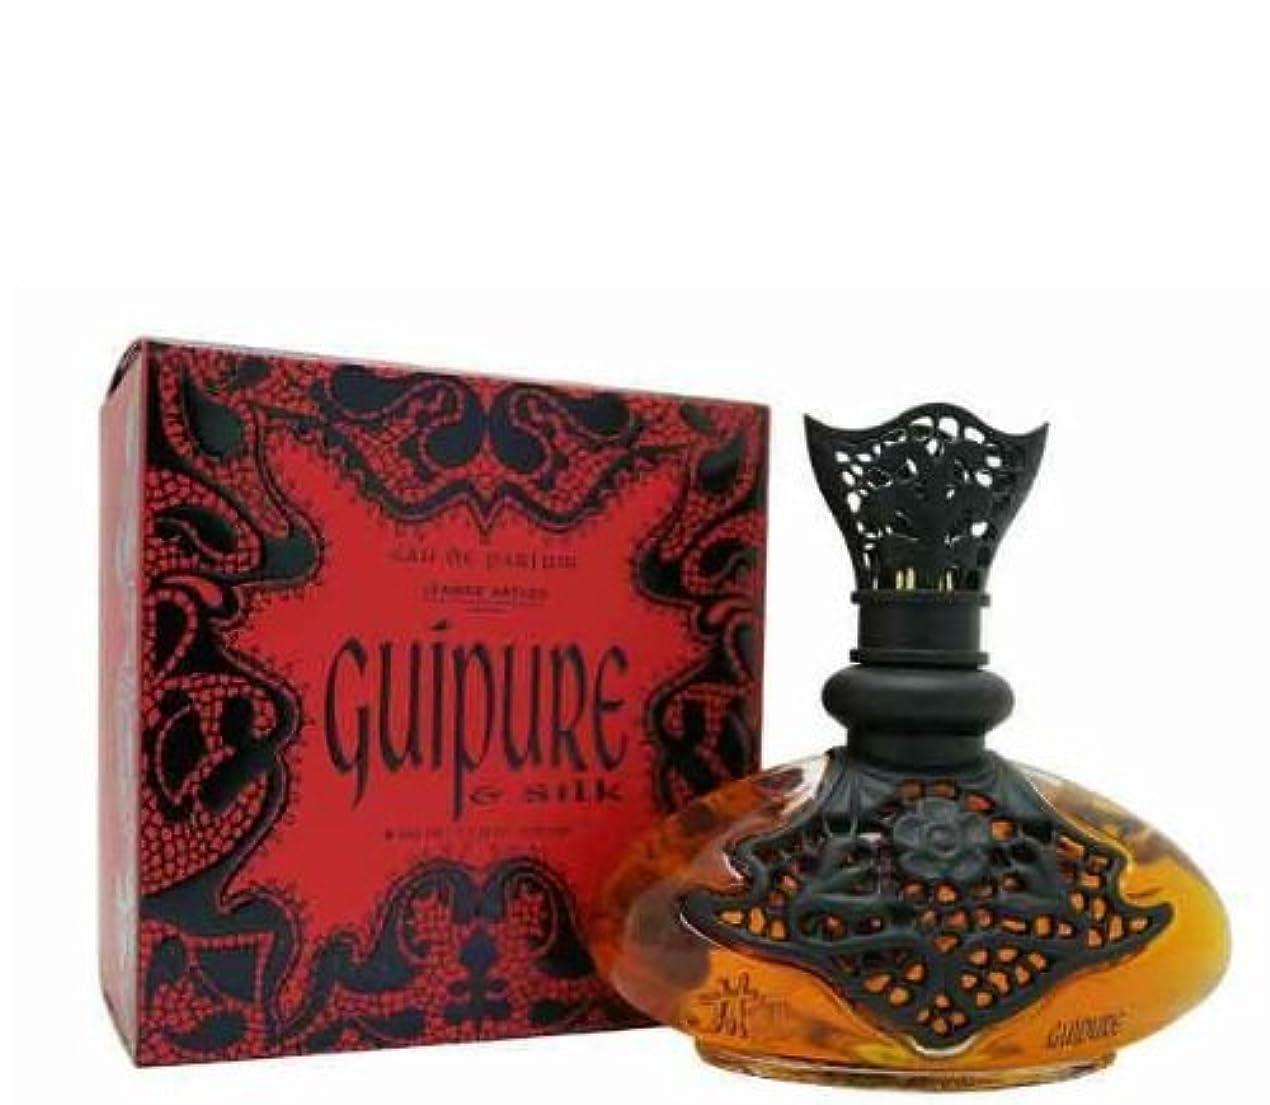 一貫性のない減らす暗いジャンヌアルテス ギュペシルク オードパルファム EDP 100mL 香水